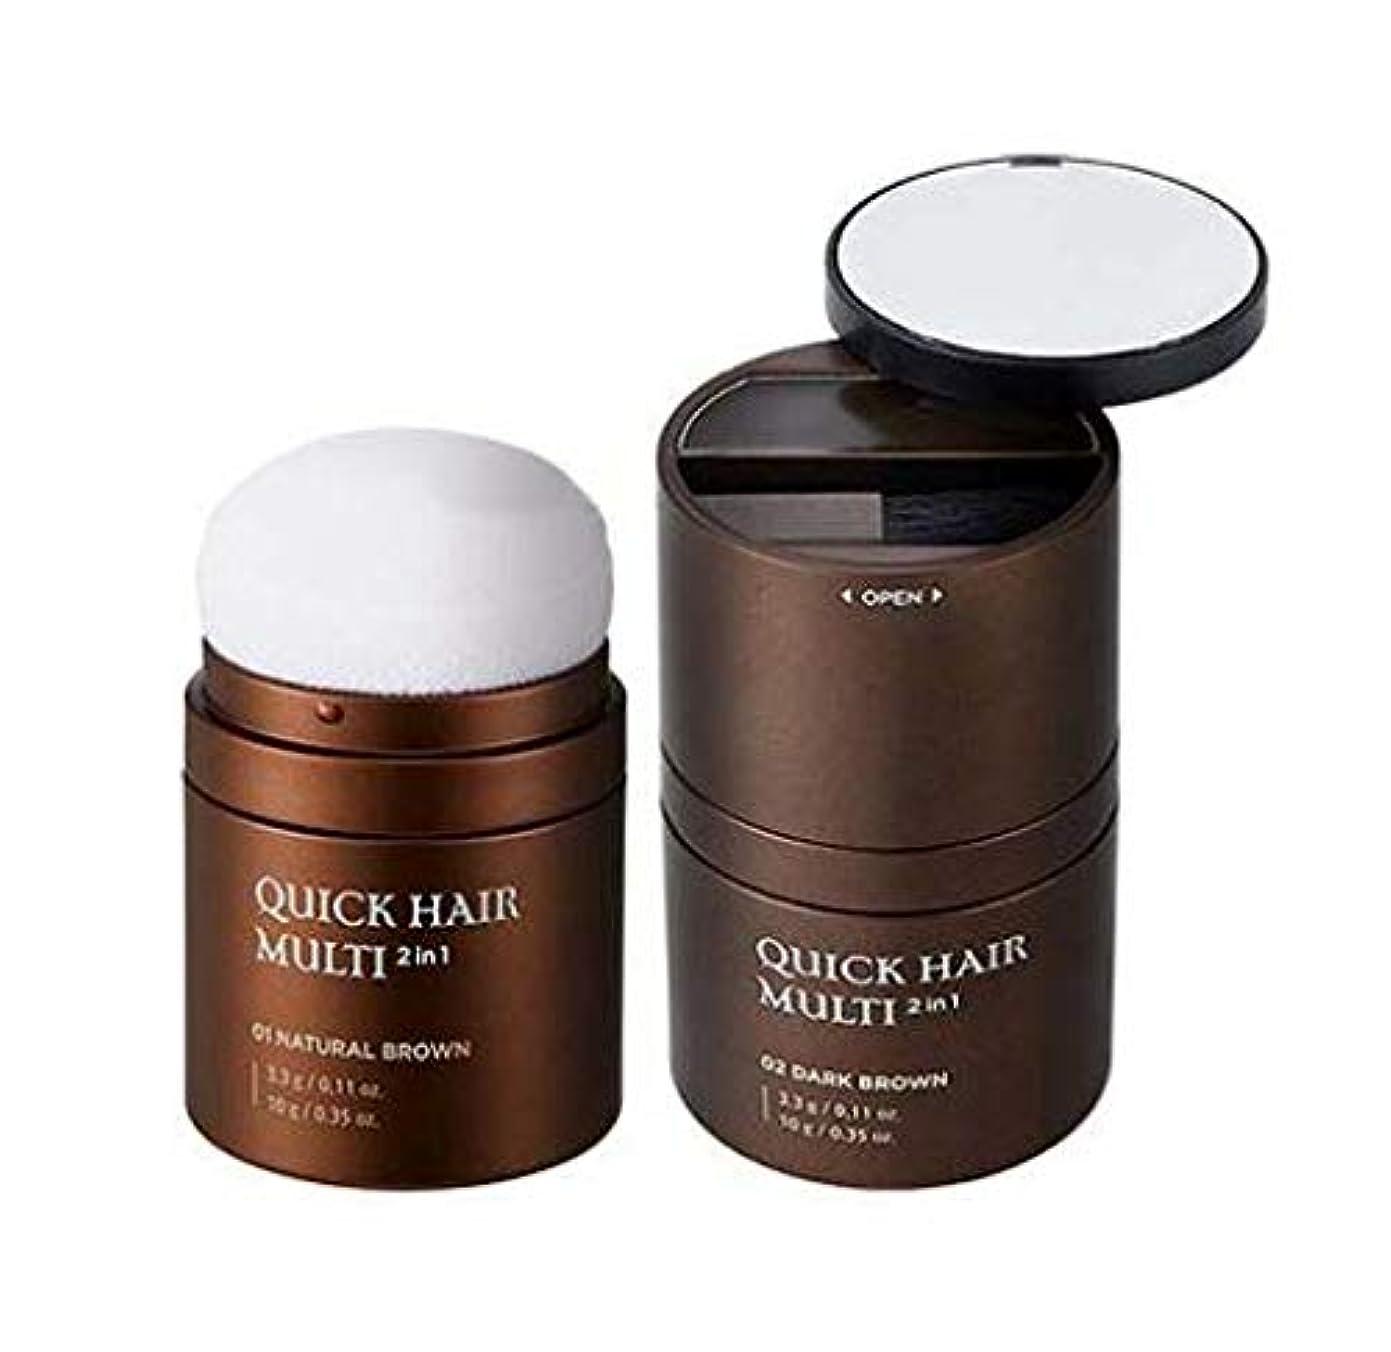 子孫のためにぼろ[ザ?フェイスショップ] THE FACE SHOP [クイック ヘア マルチ_シャドウ+パフ 3.3g+10g] (Quick Hair Multi Shadow+Puff 3.3g+10g) [海外直送品] (02. Dark Brown)